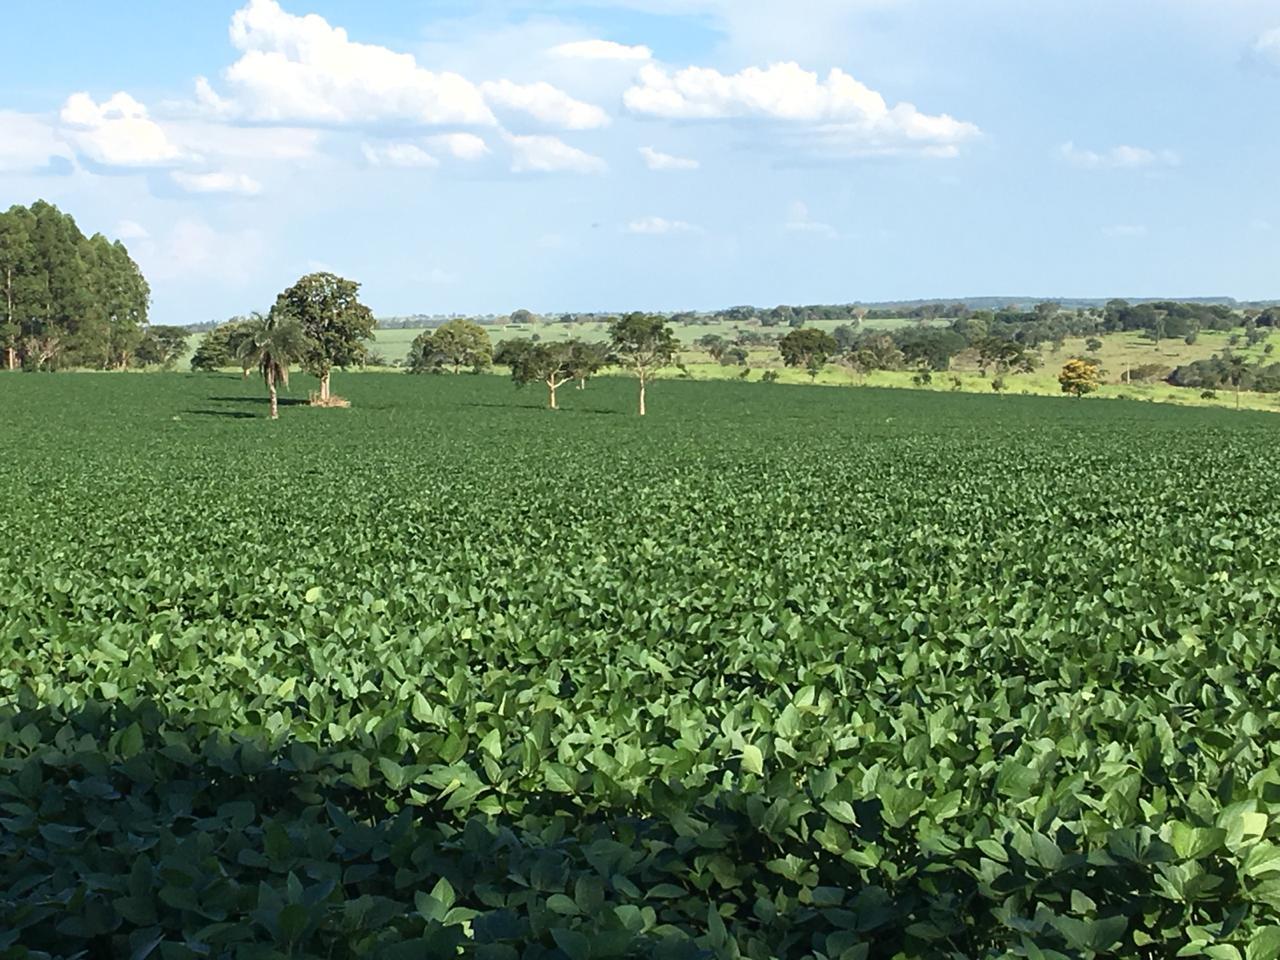 Soja primeiro ano na Fazenda Jatobá, cidade de Luz (MG), com 26 dias de sol no mês de janeiro. Em fevereiro, a precipitação foi de 11 mm